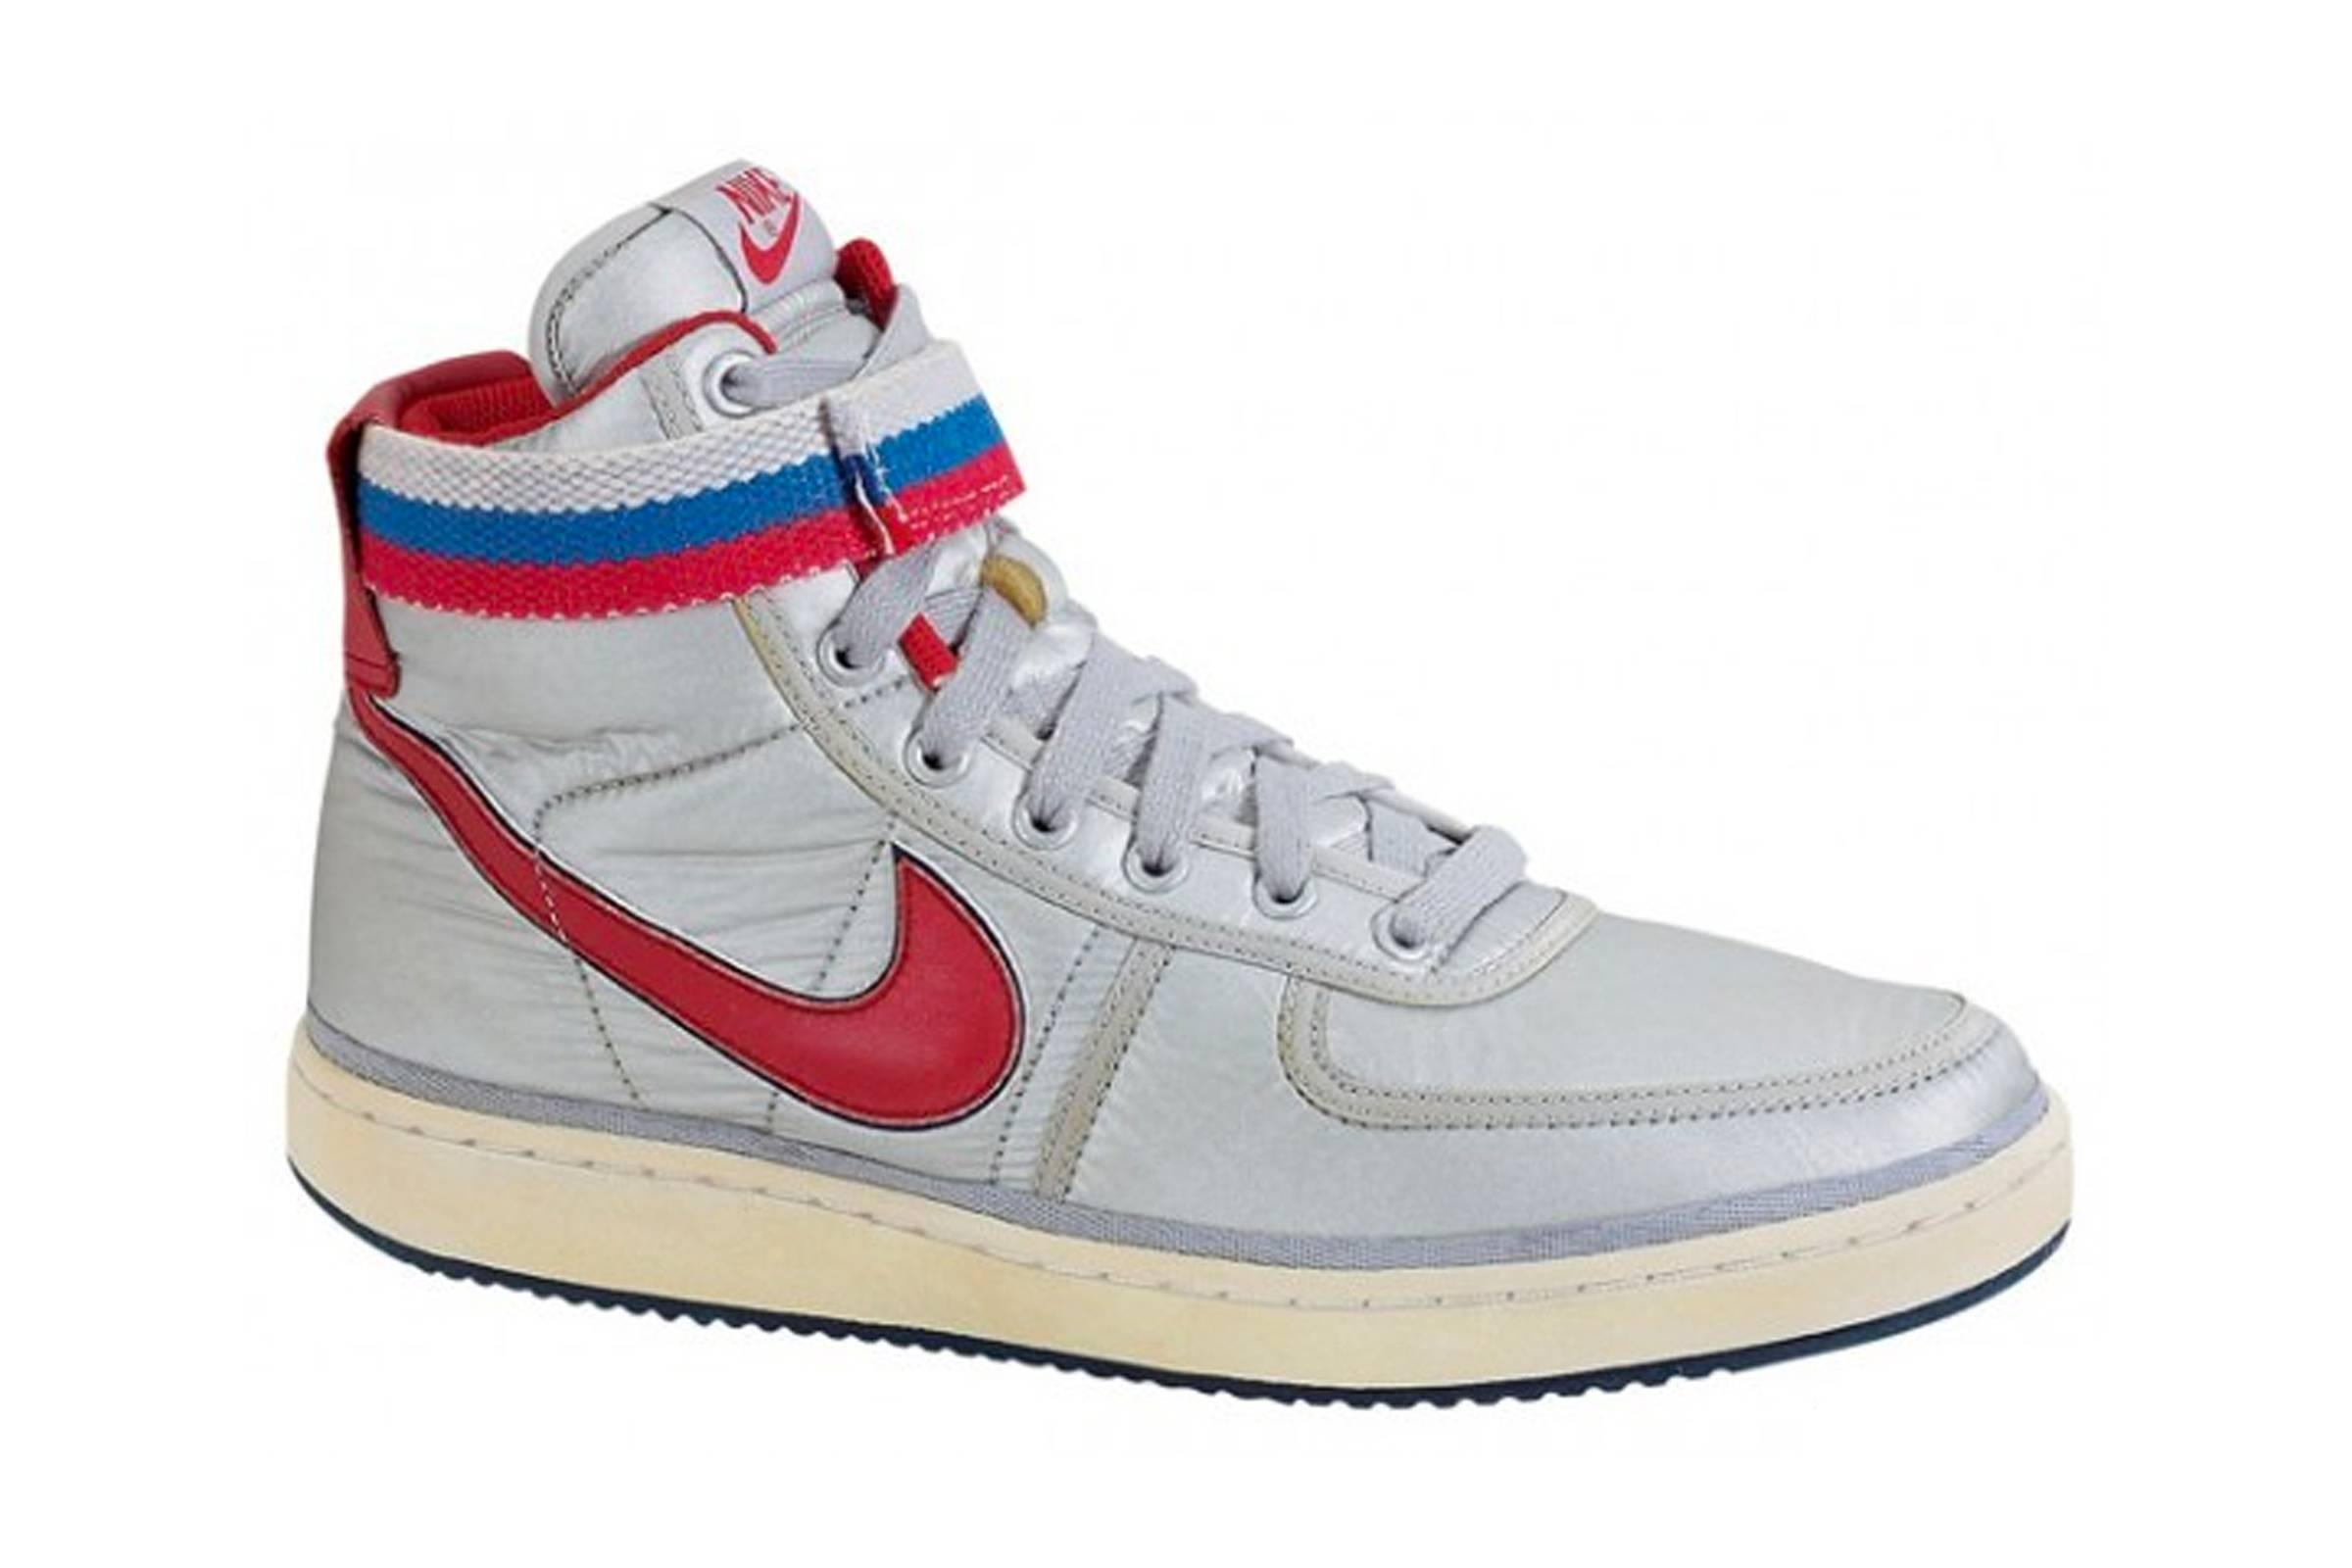 Nike Vandal High (1984)